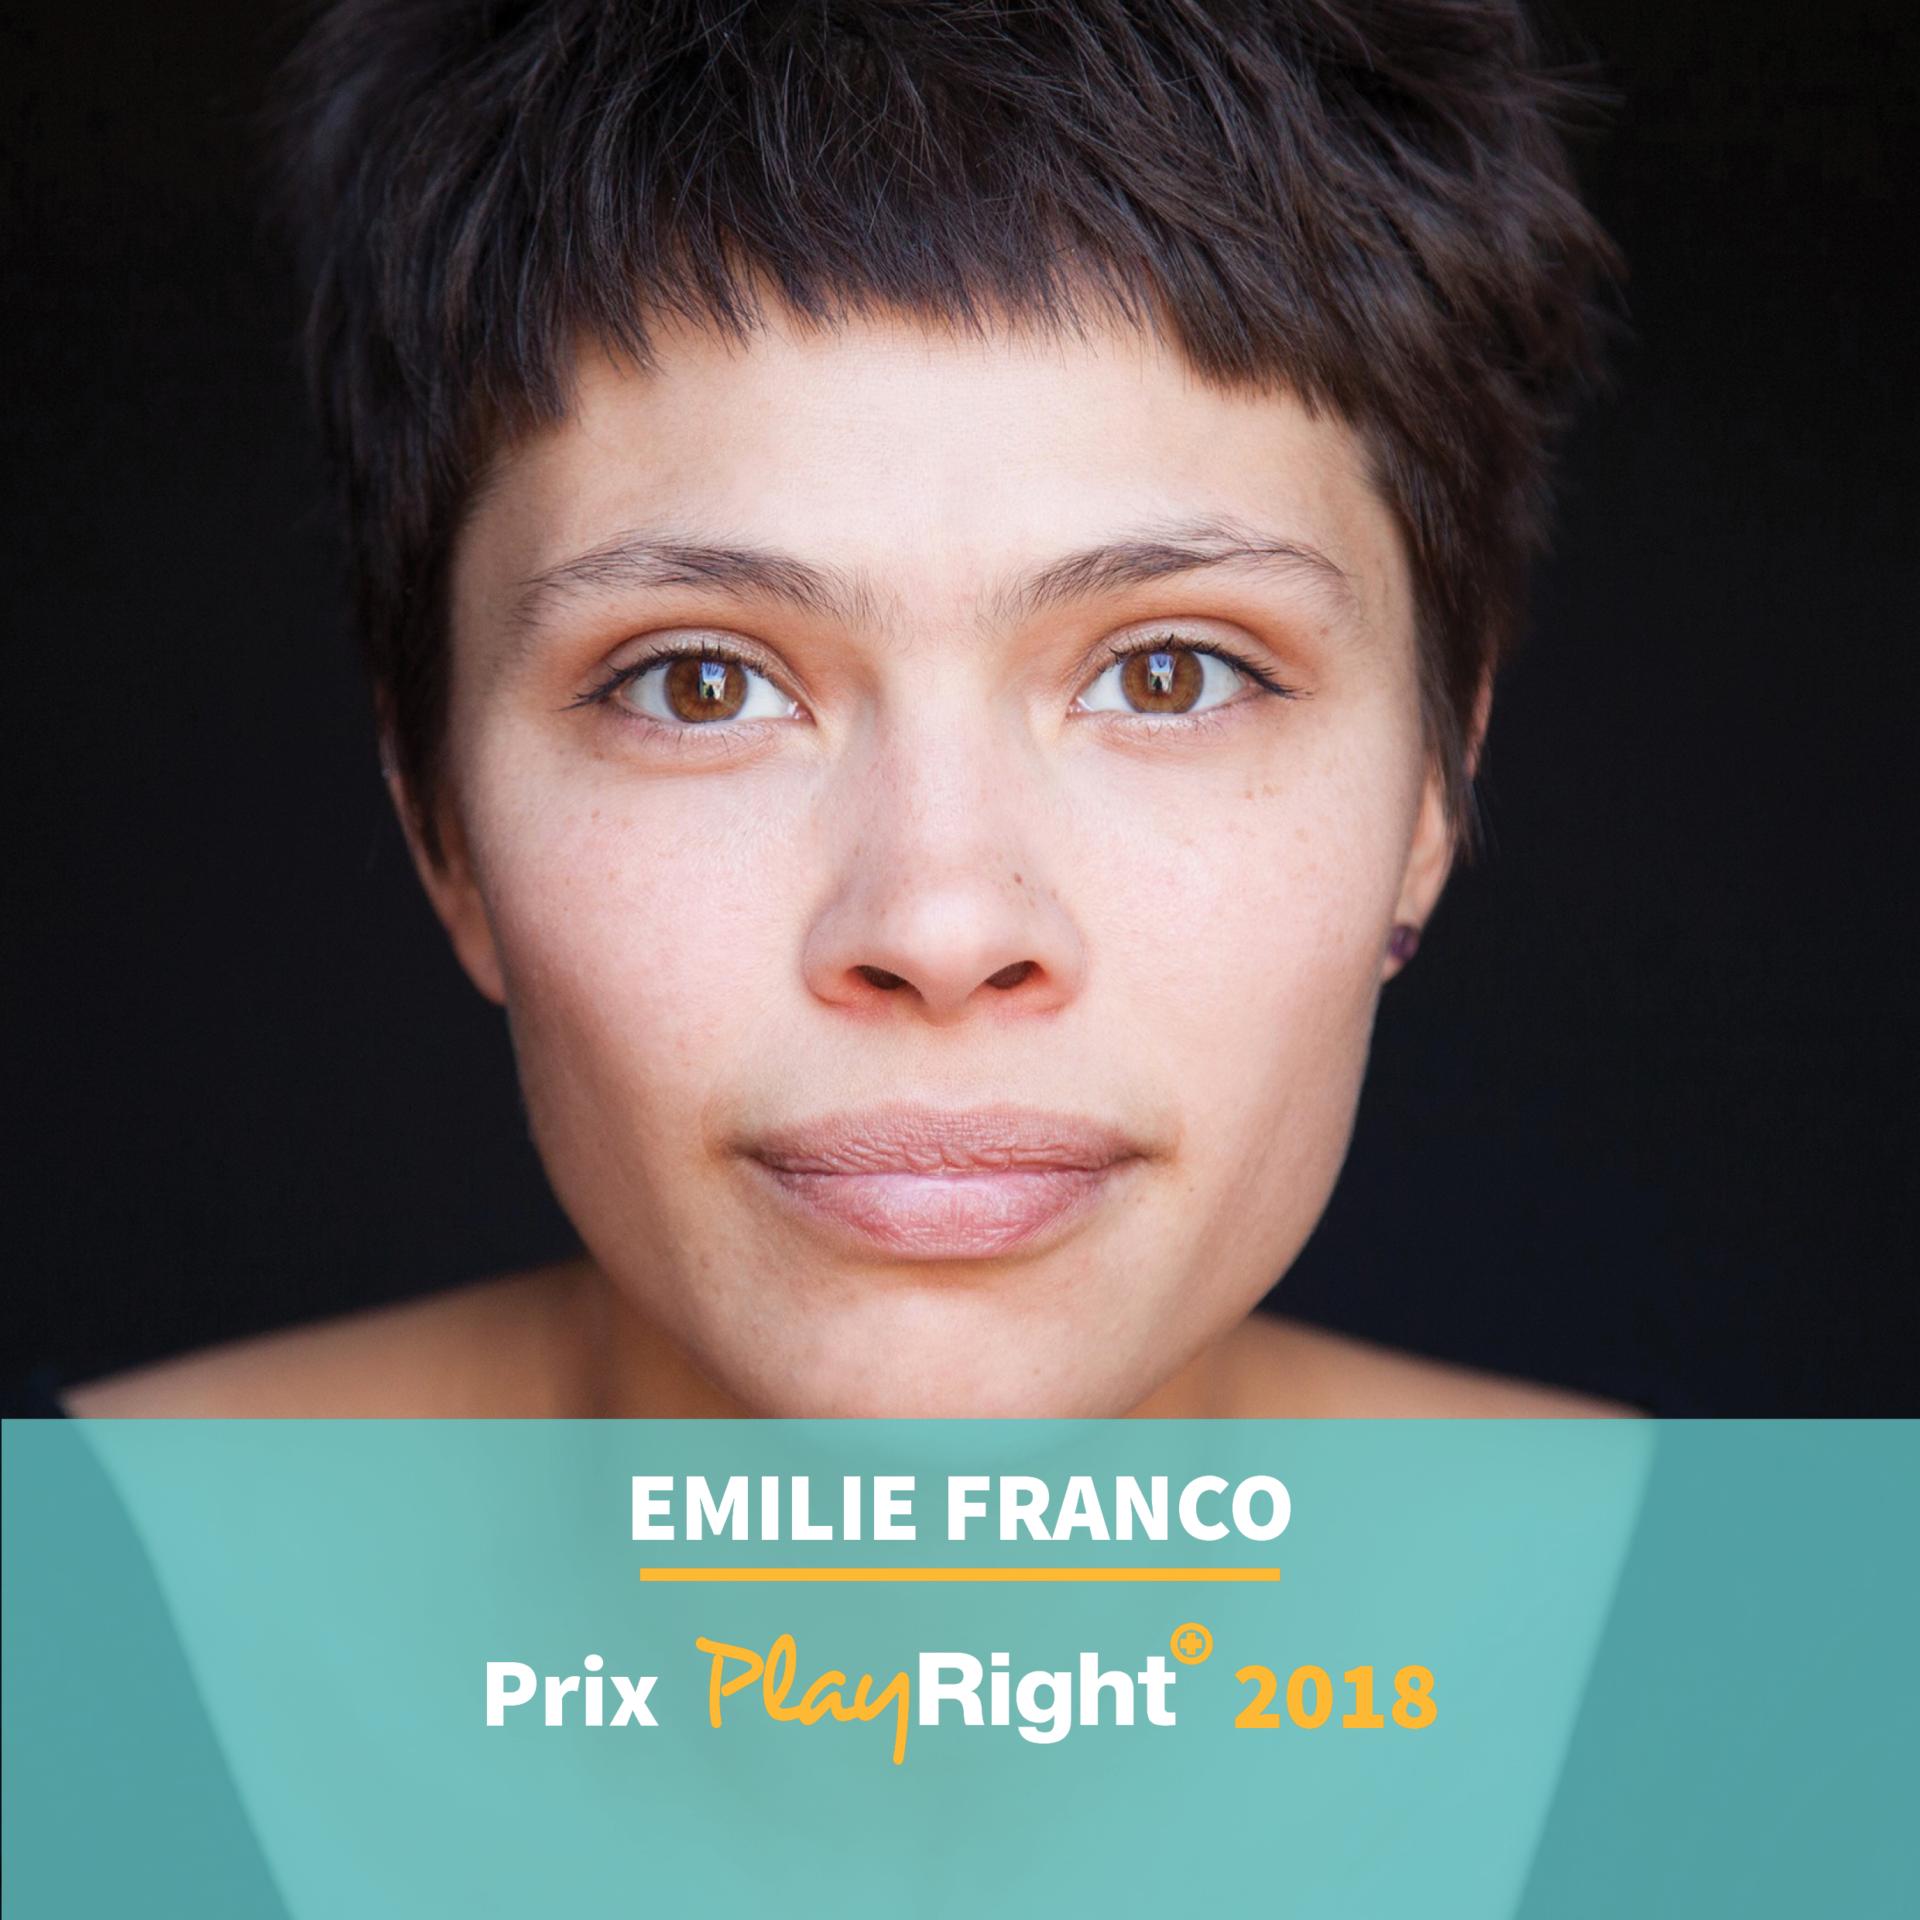 Emilie Franco